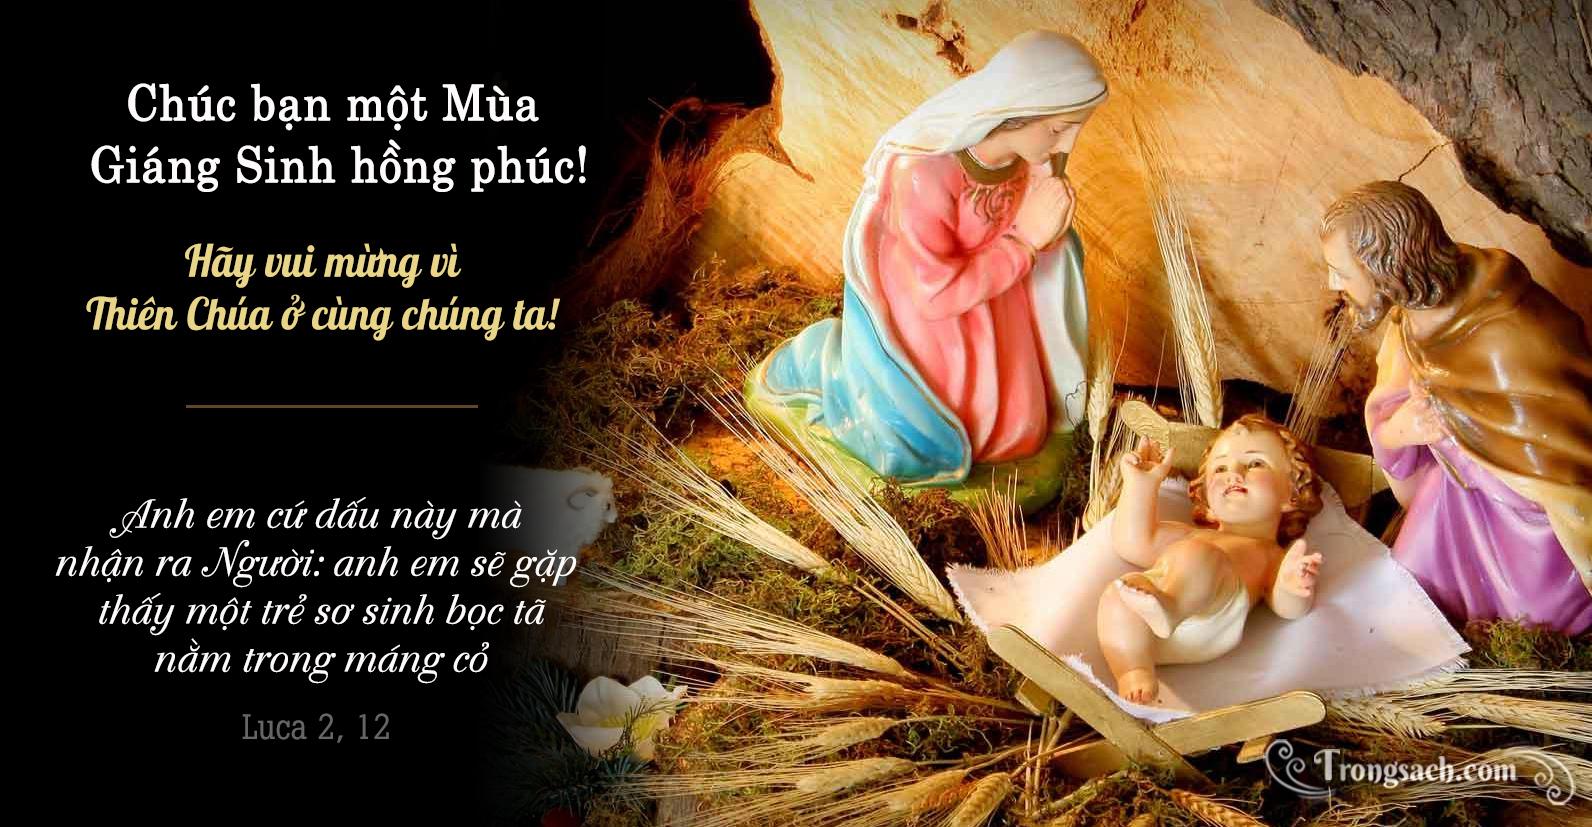 Chuc Mung Giang Sinh Chúc Mừng Lễ Chúa Giáng Sinh